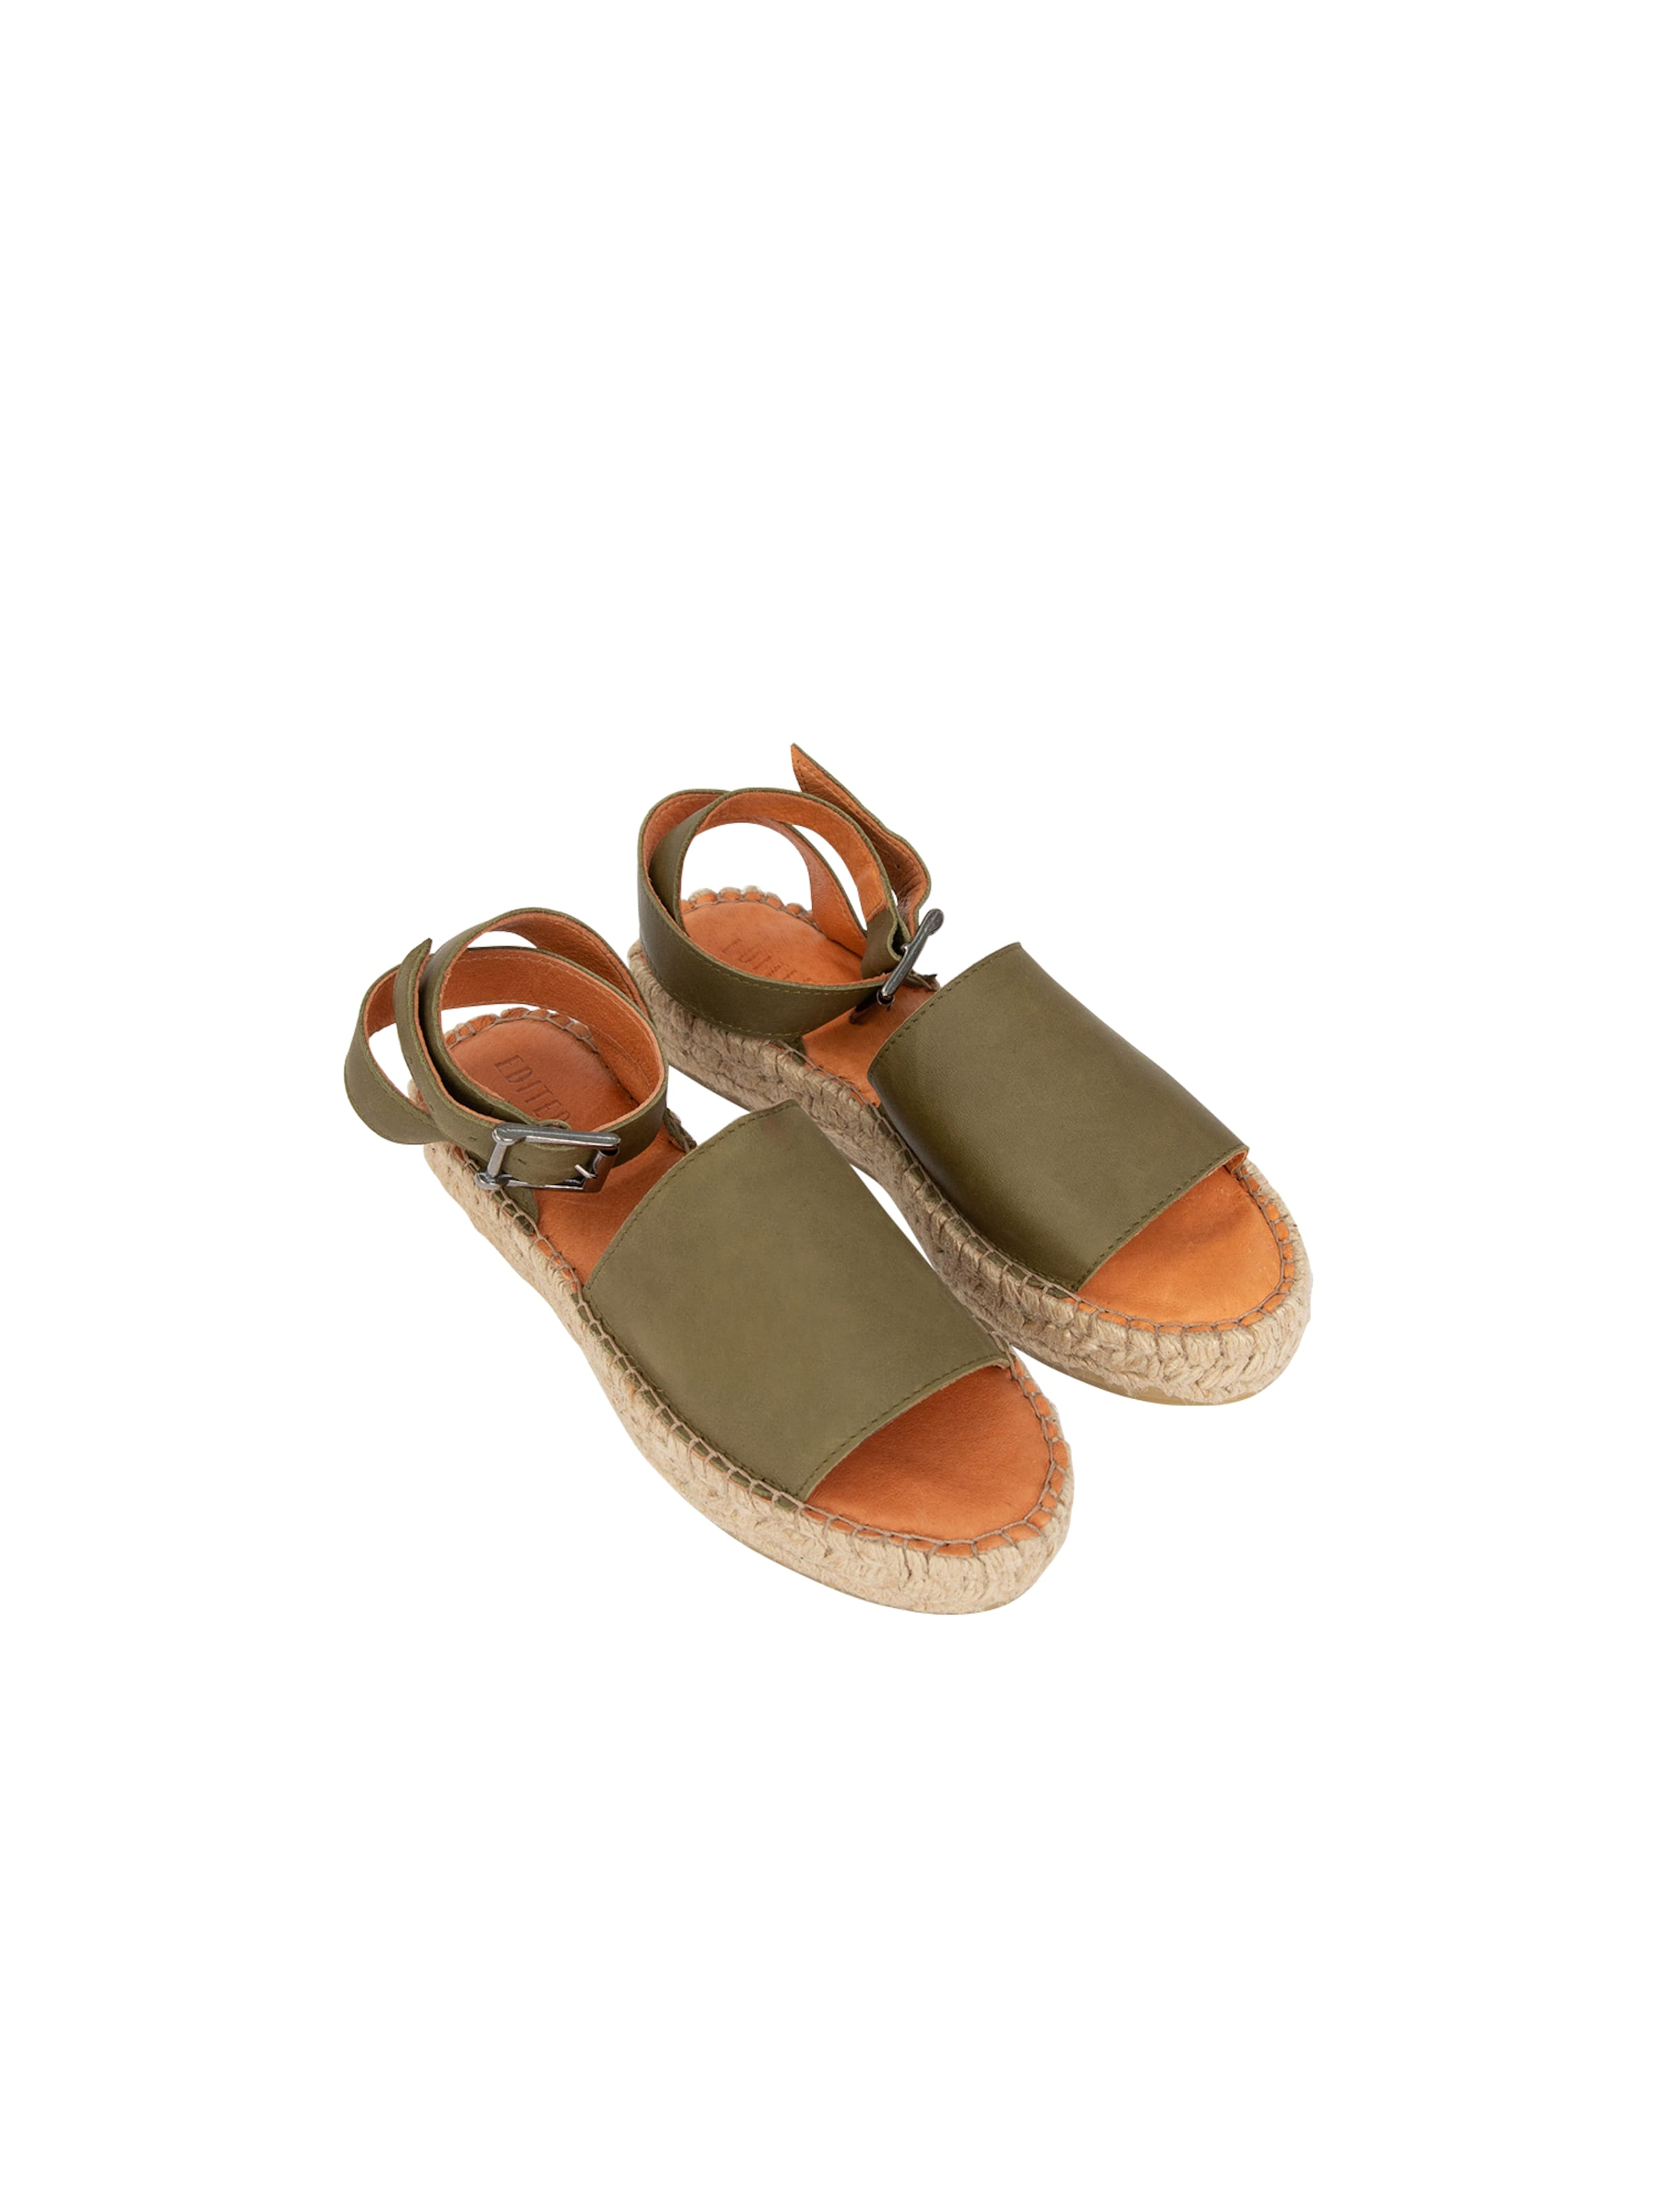 'jeena' In Edited Sandale Khaki Ny0wv8nmO